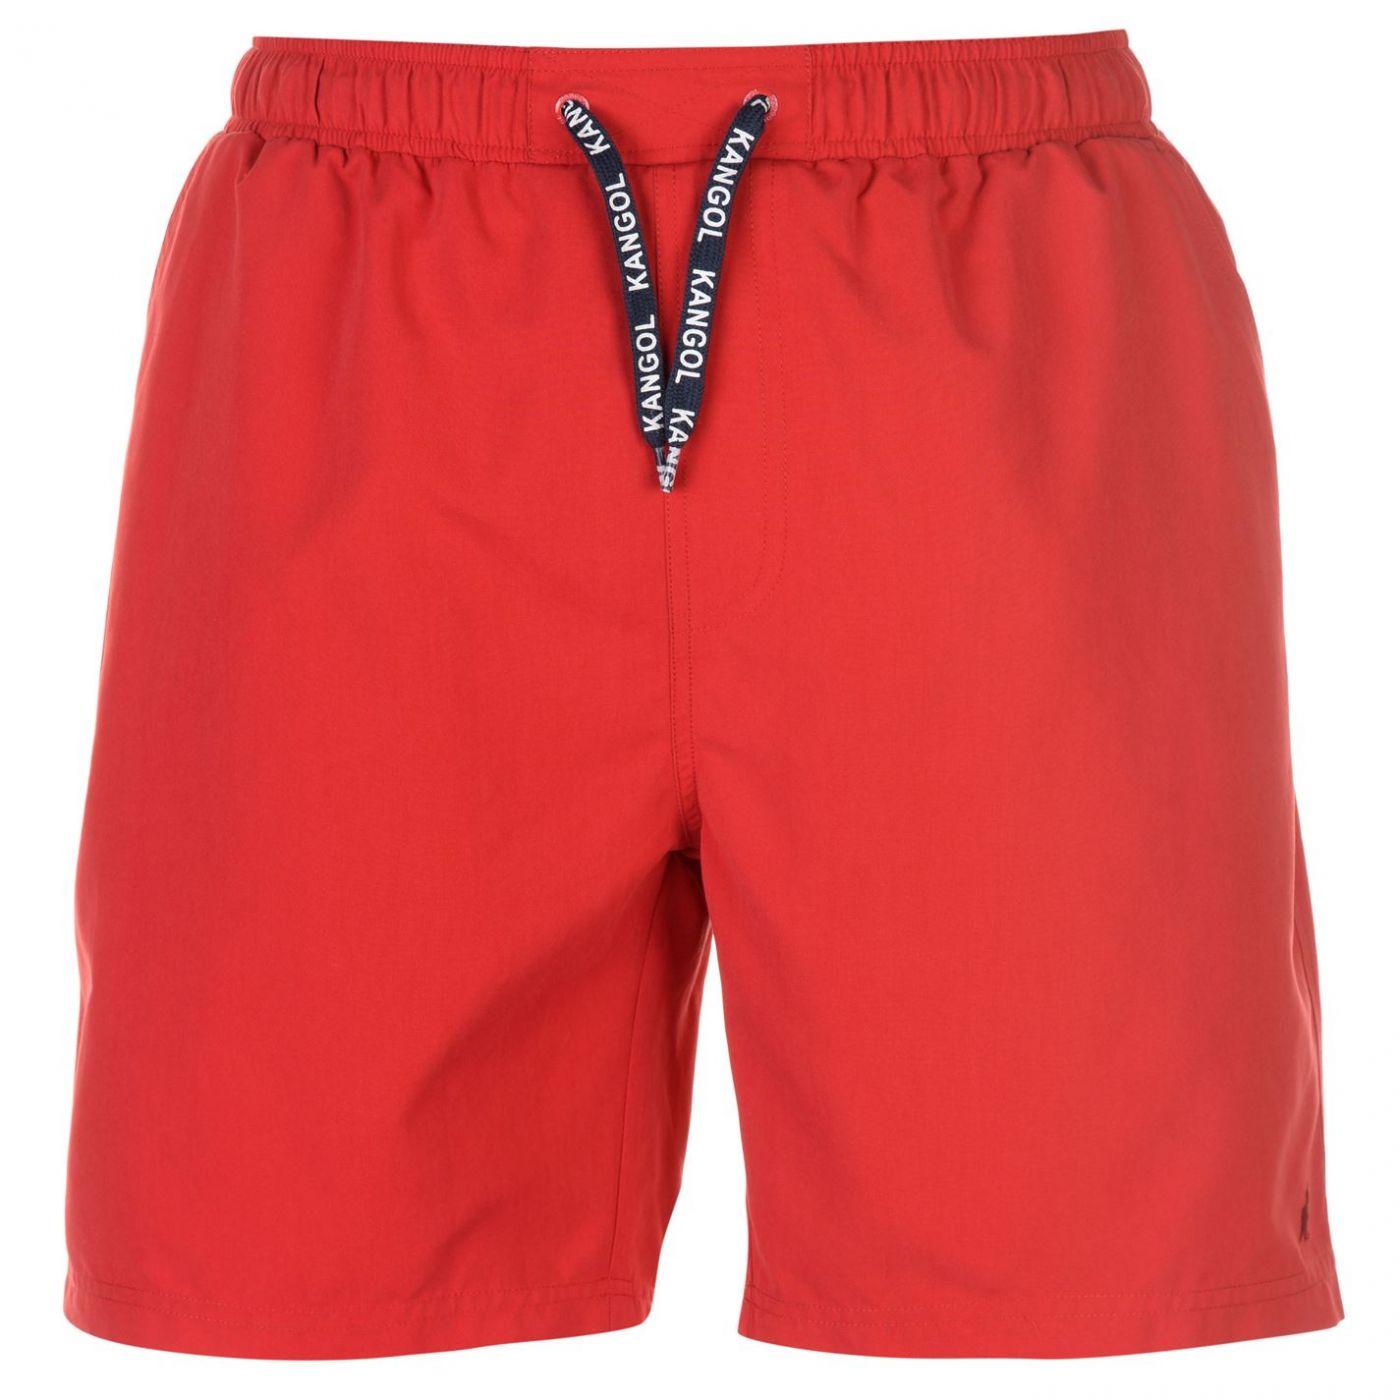 Kangol Essential Swim Shorts Mens